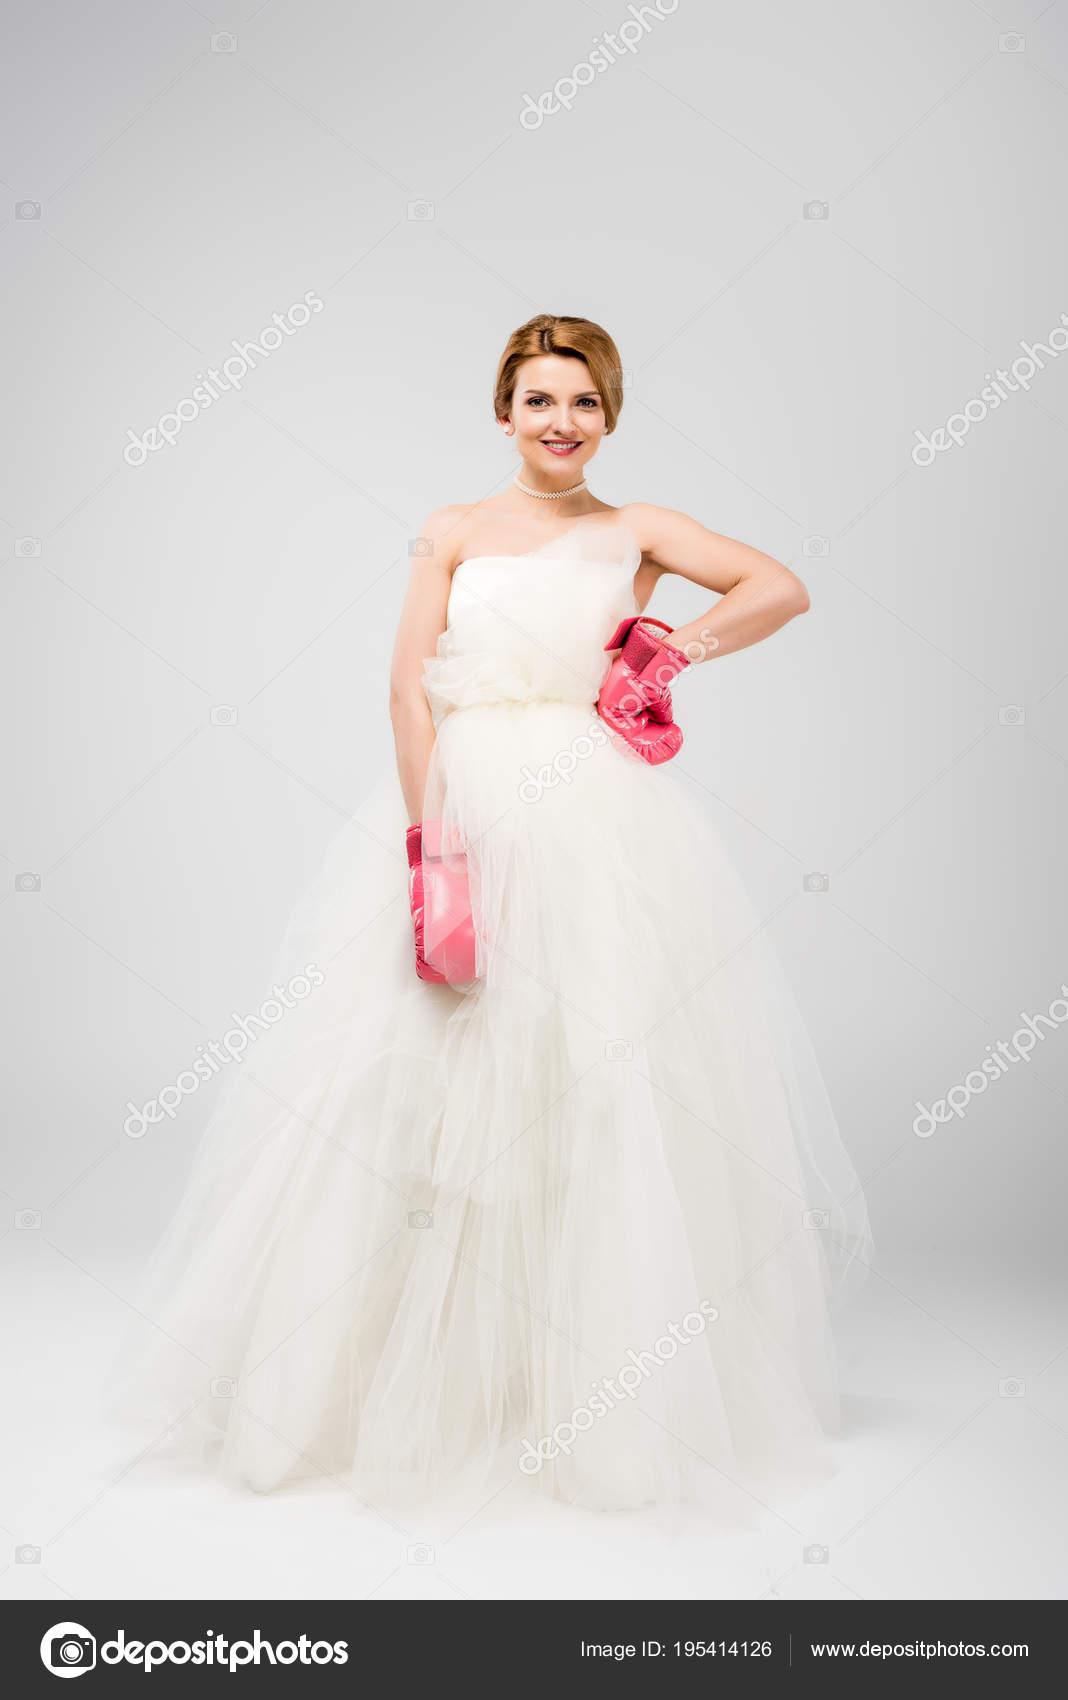 210ed034c616d67 Улыбаясь Невеста Белом Свадебном Платье Боксерские Перчатки Изолированные  Серый Концепции — стоковое фото